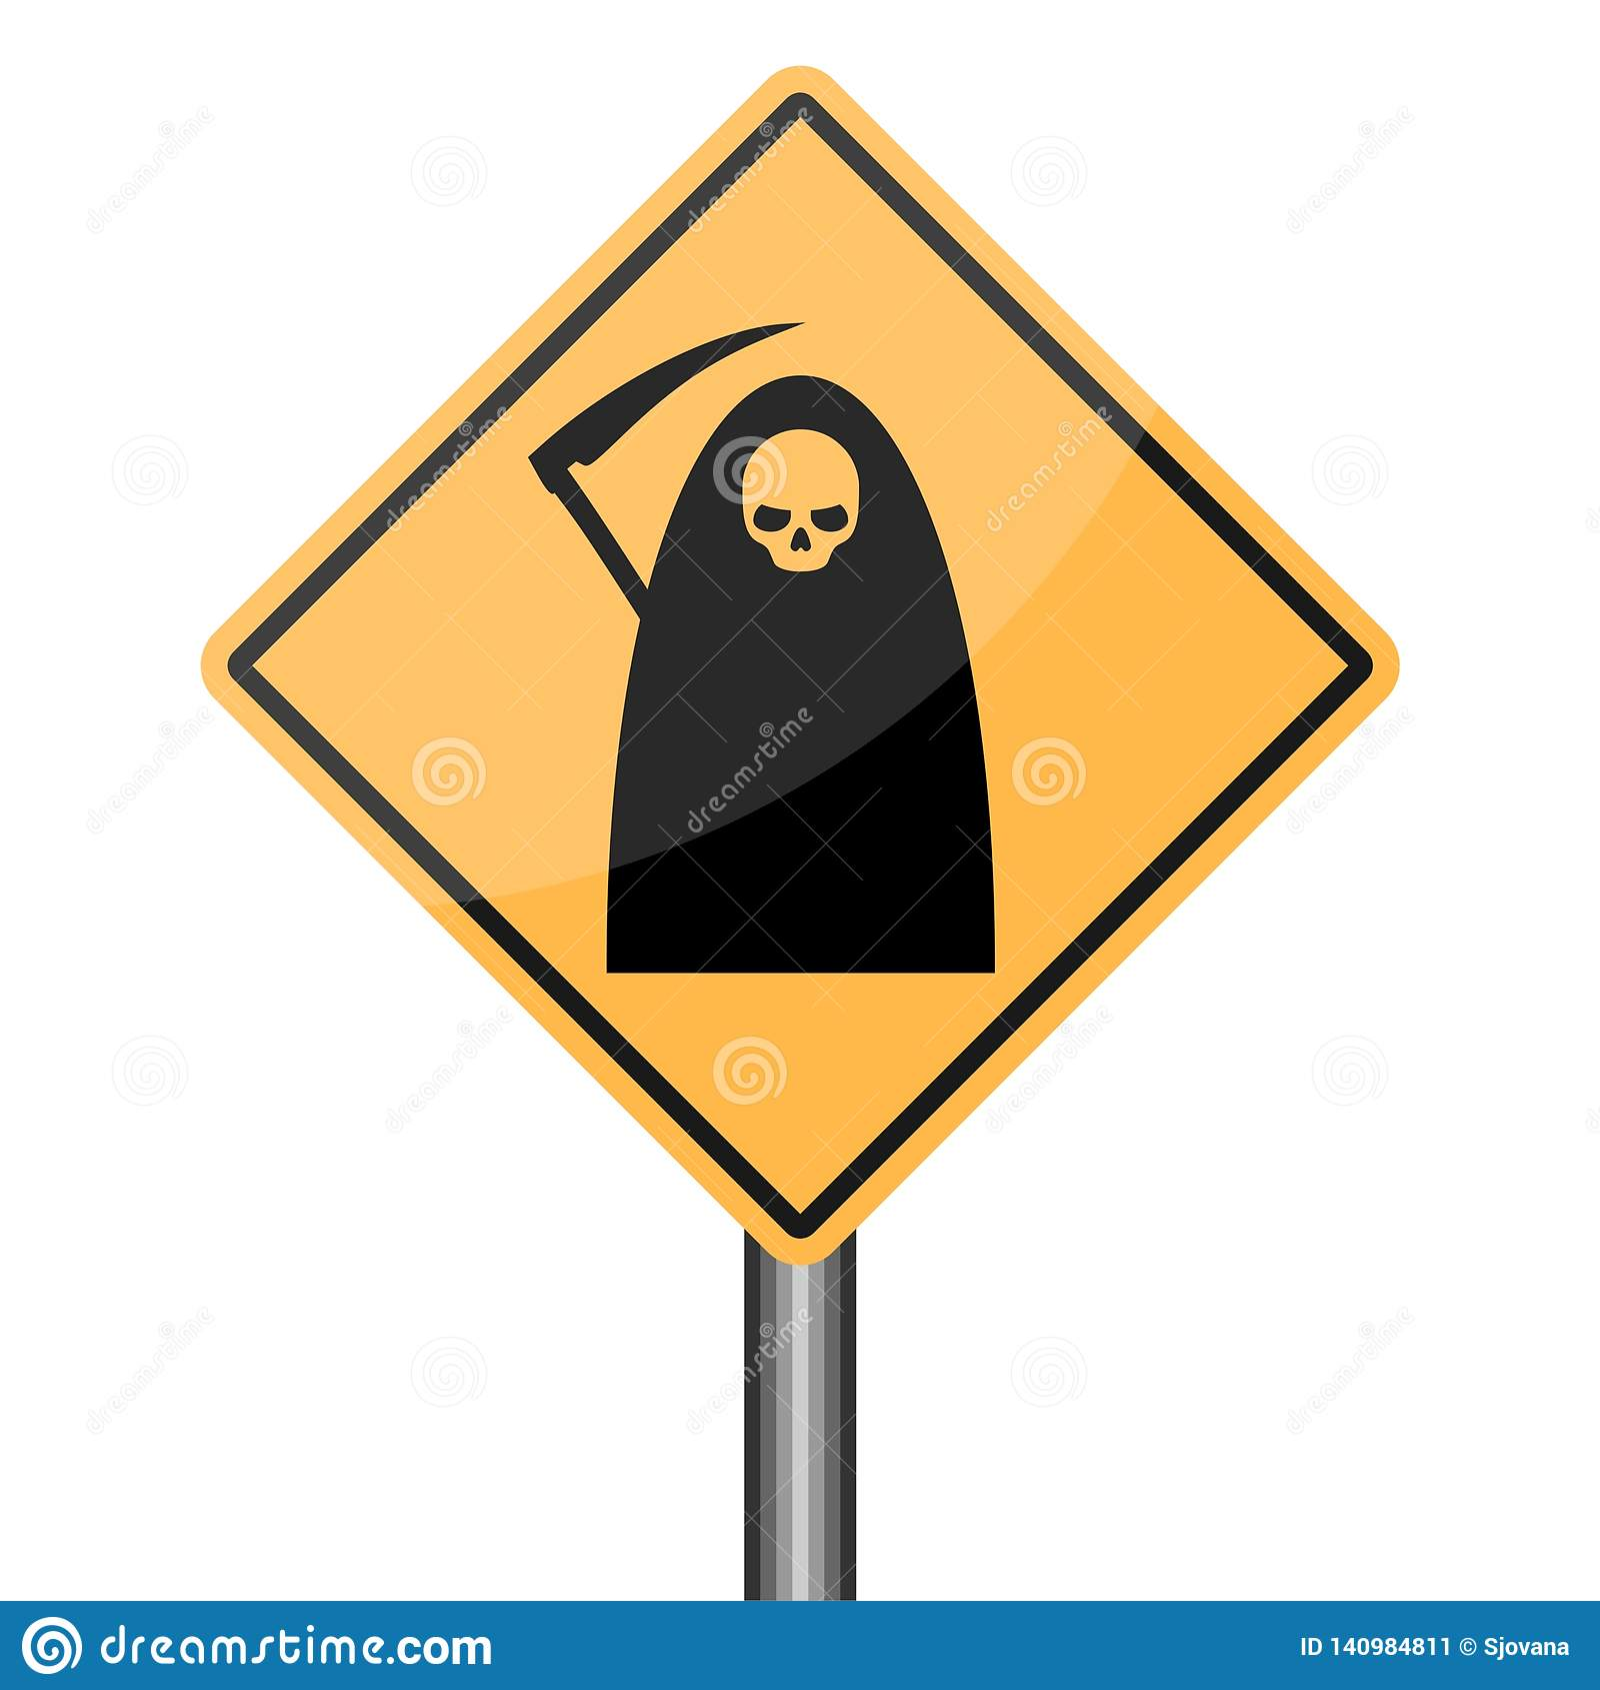 Reaper warning road sign, Death Danger sign